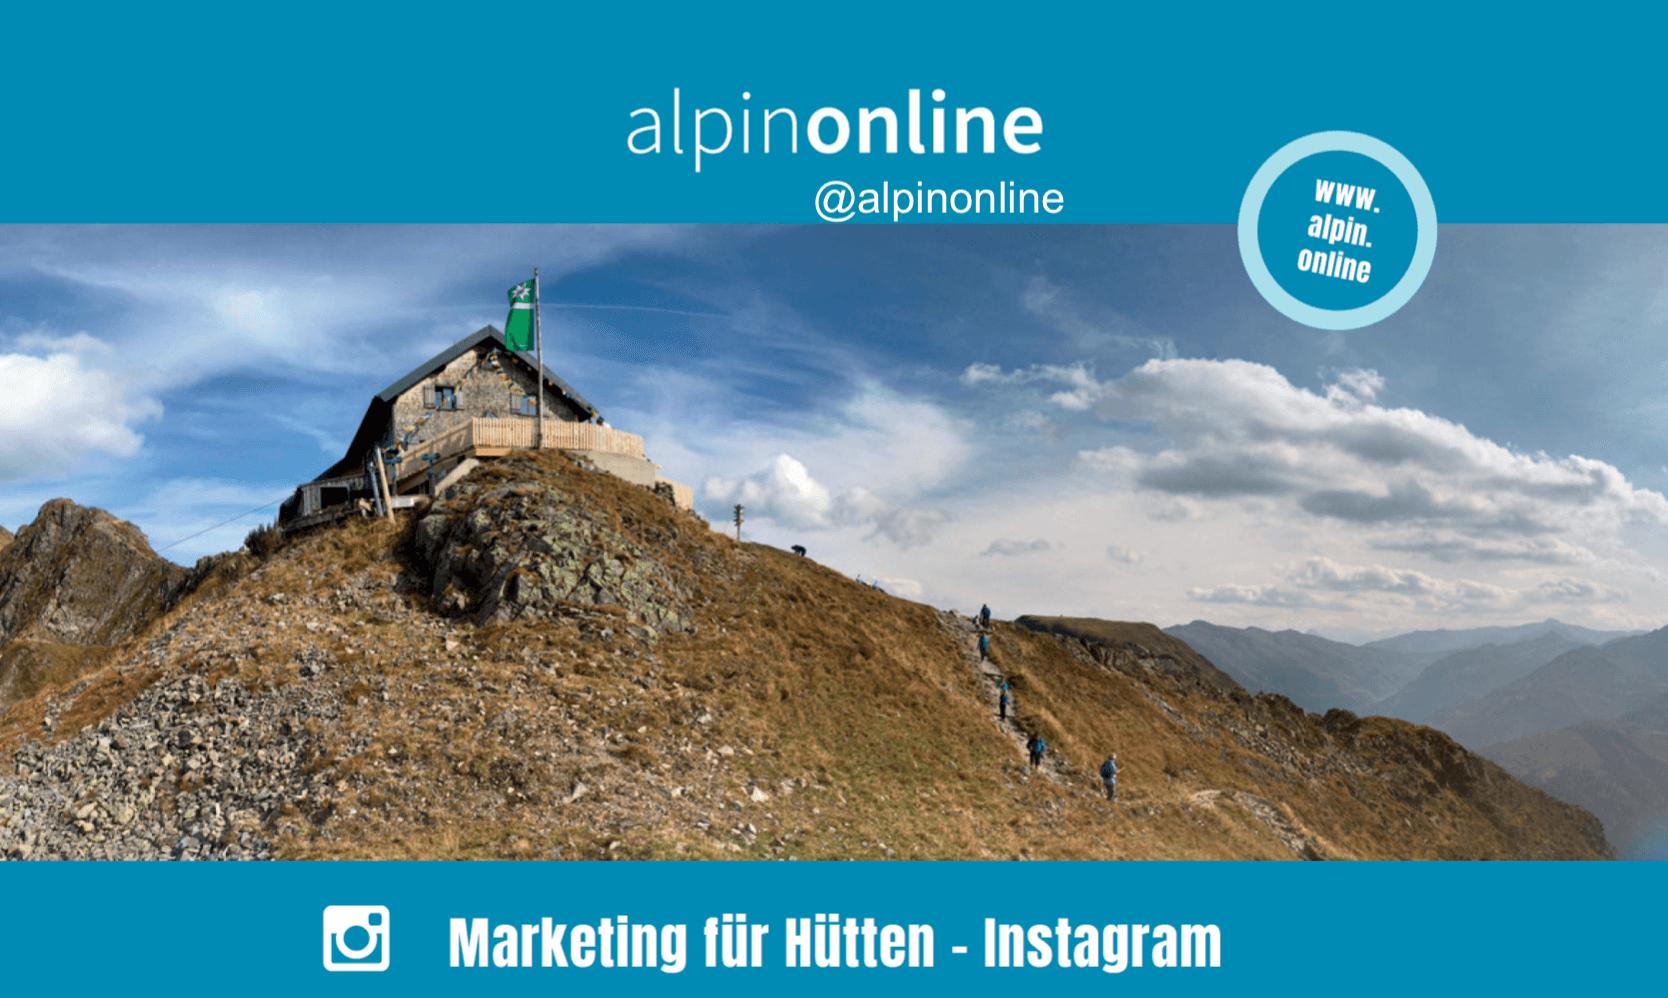 Pächtertagung Alpentvereinshütten Instagram I alpinonline